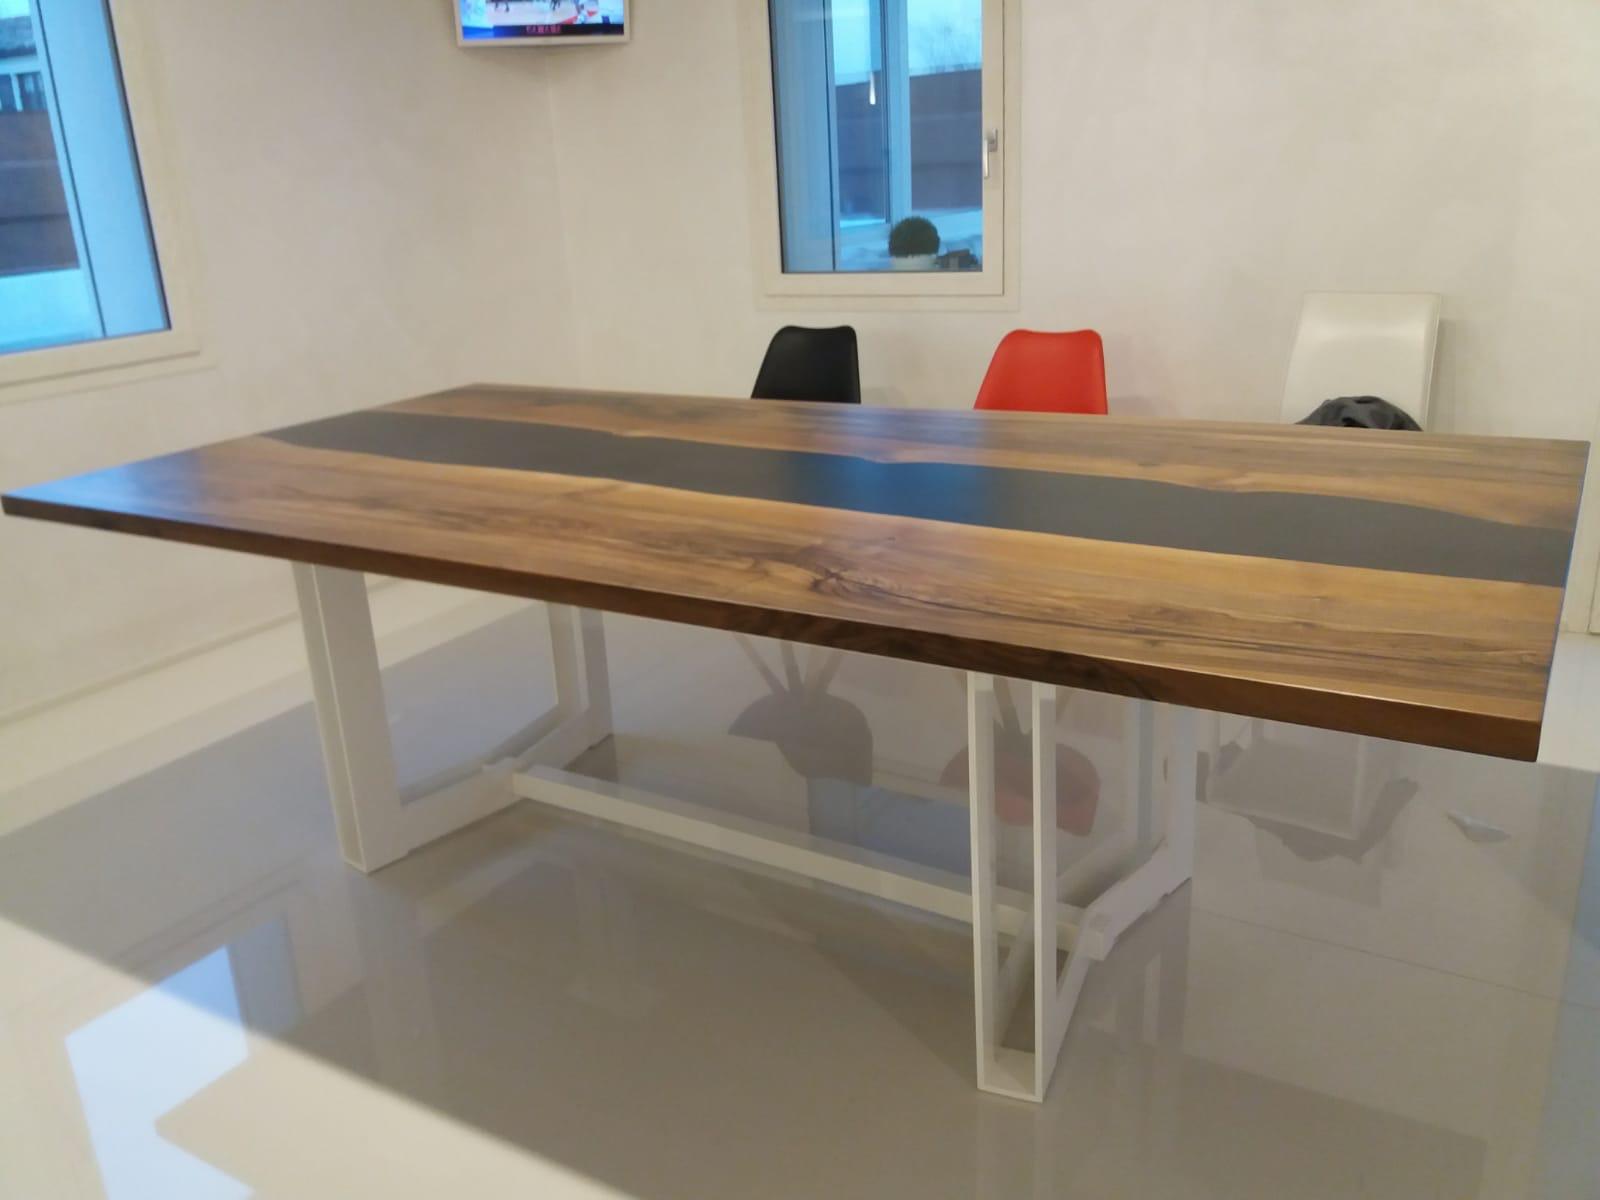 tavolo casarotto design legno noce nazionale resina foto 1